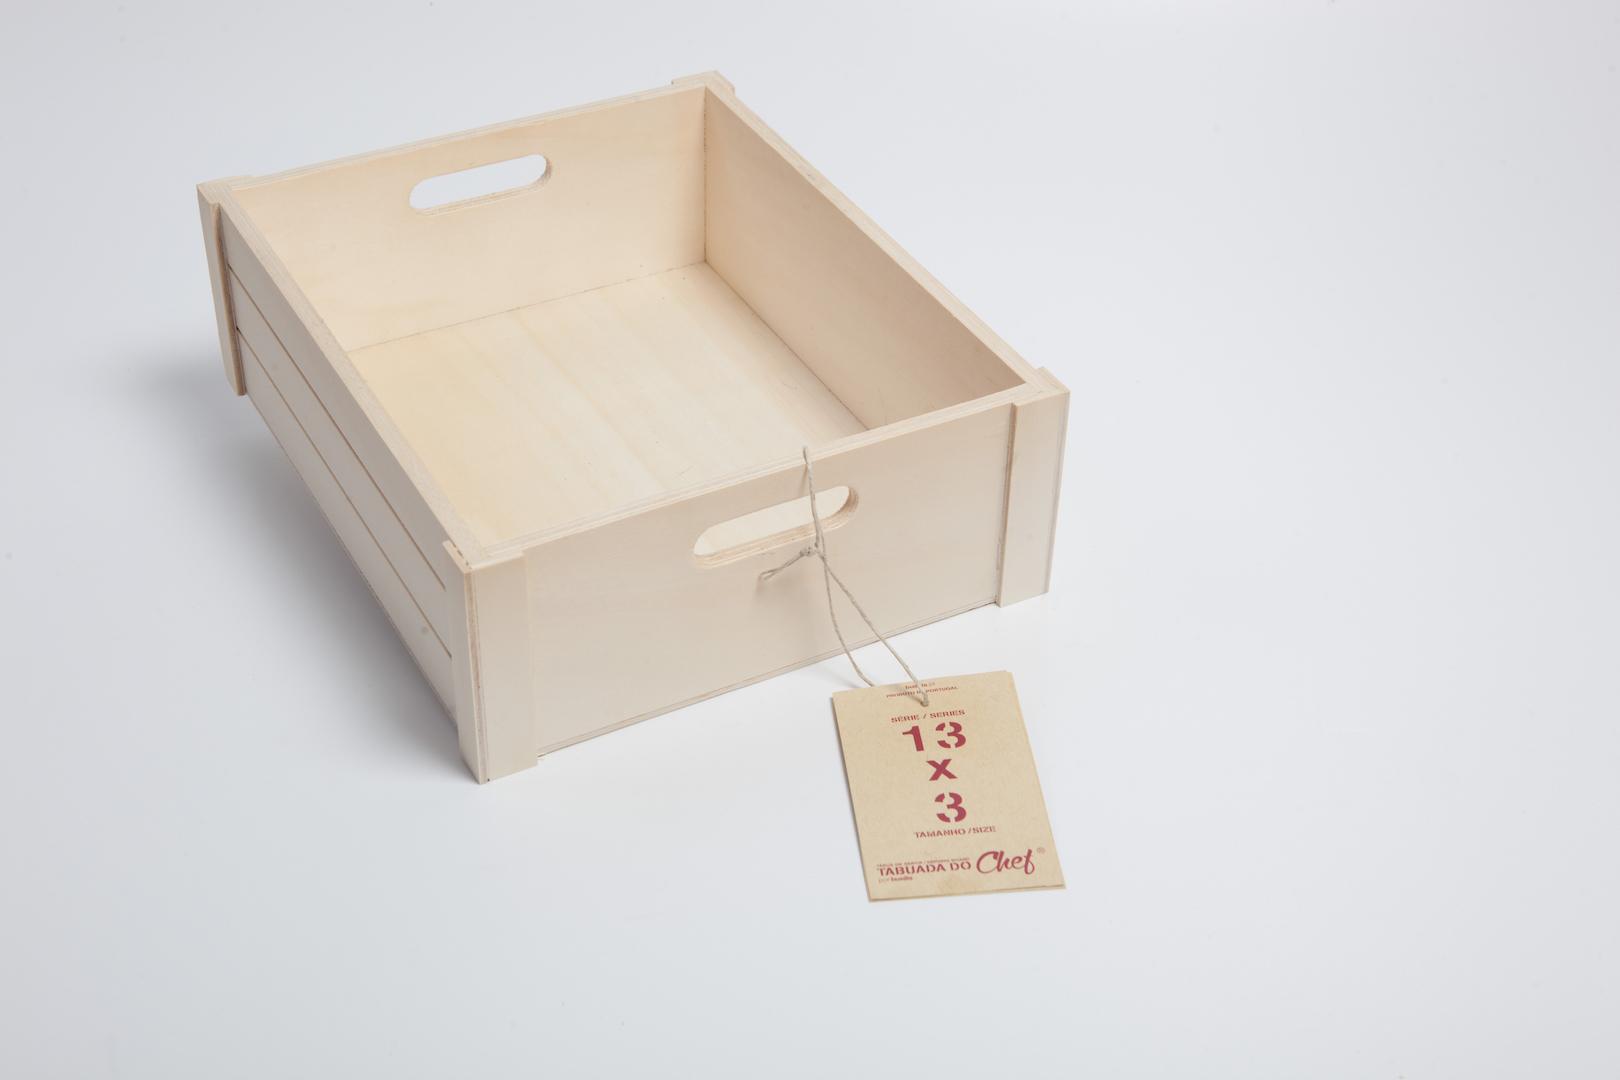 Caixa de Choupo média, 13x3